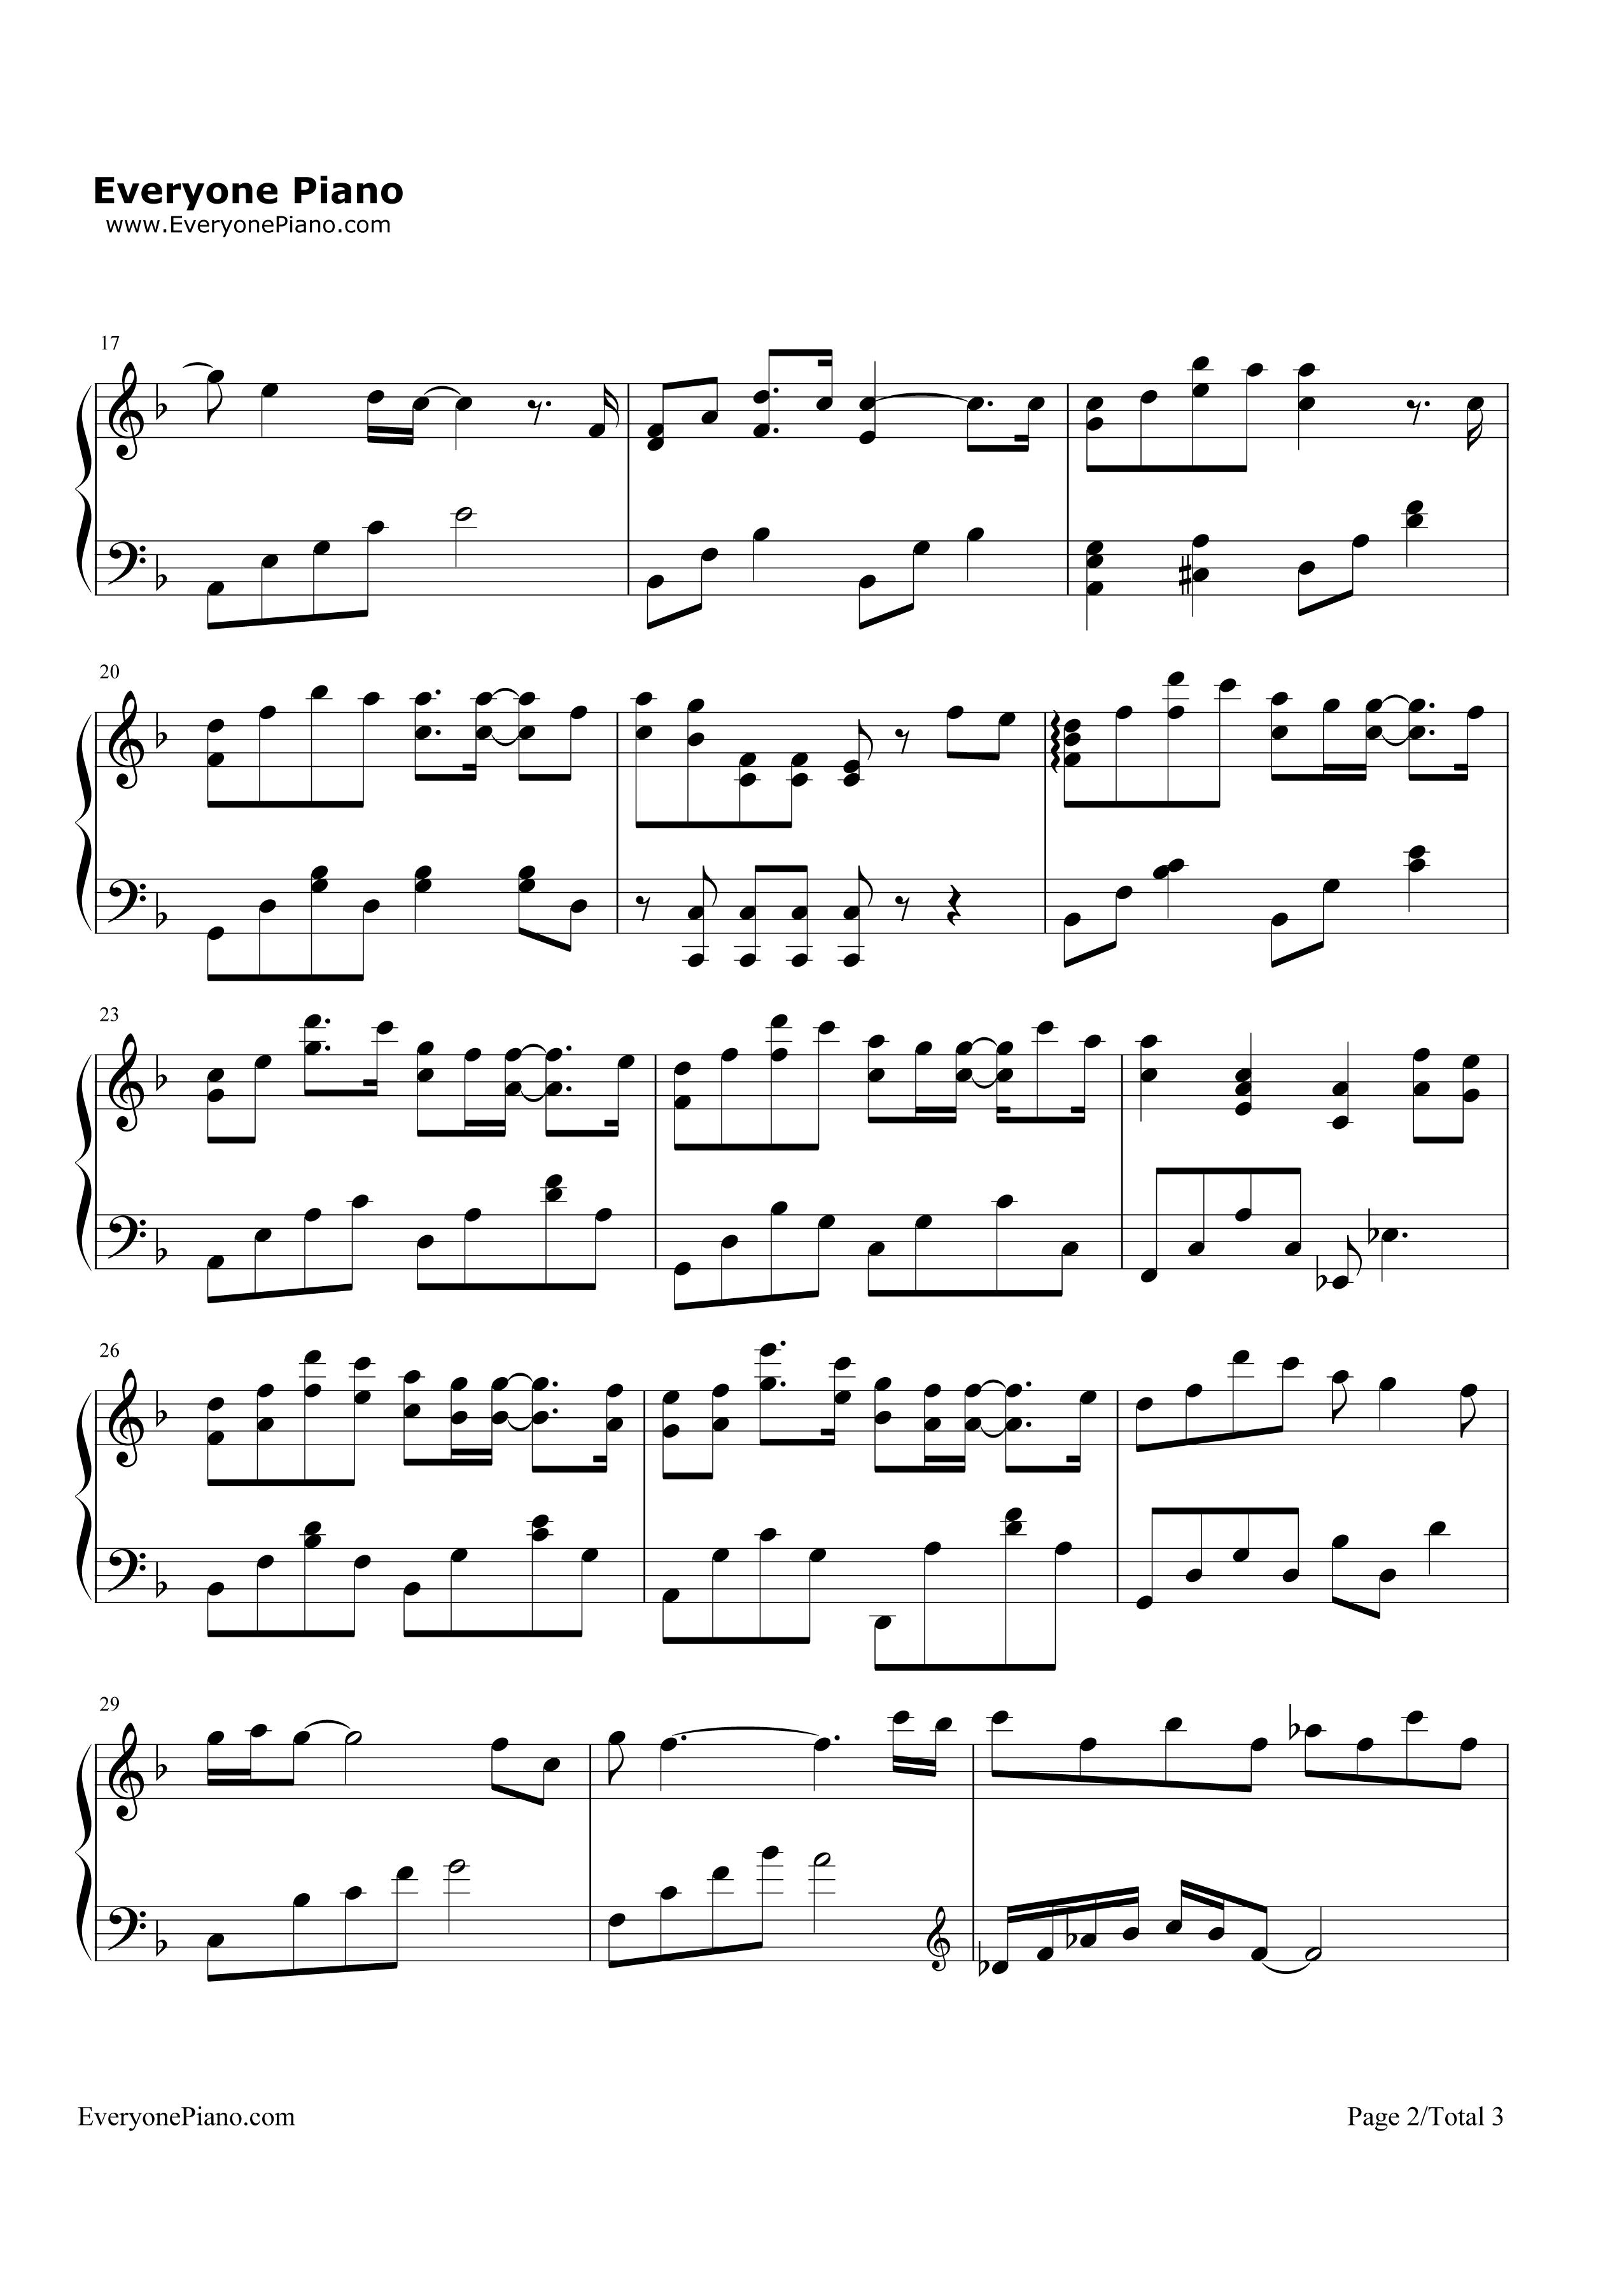 午夜萨克斯曲66首-欢乐颂插曲有哪些插曲大全   王子文插曲4《开得比花香》  演唱,歌手